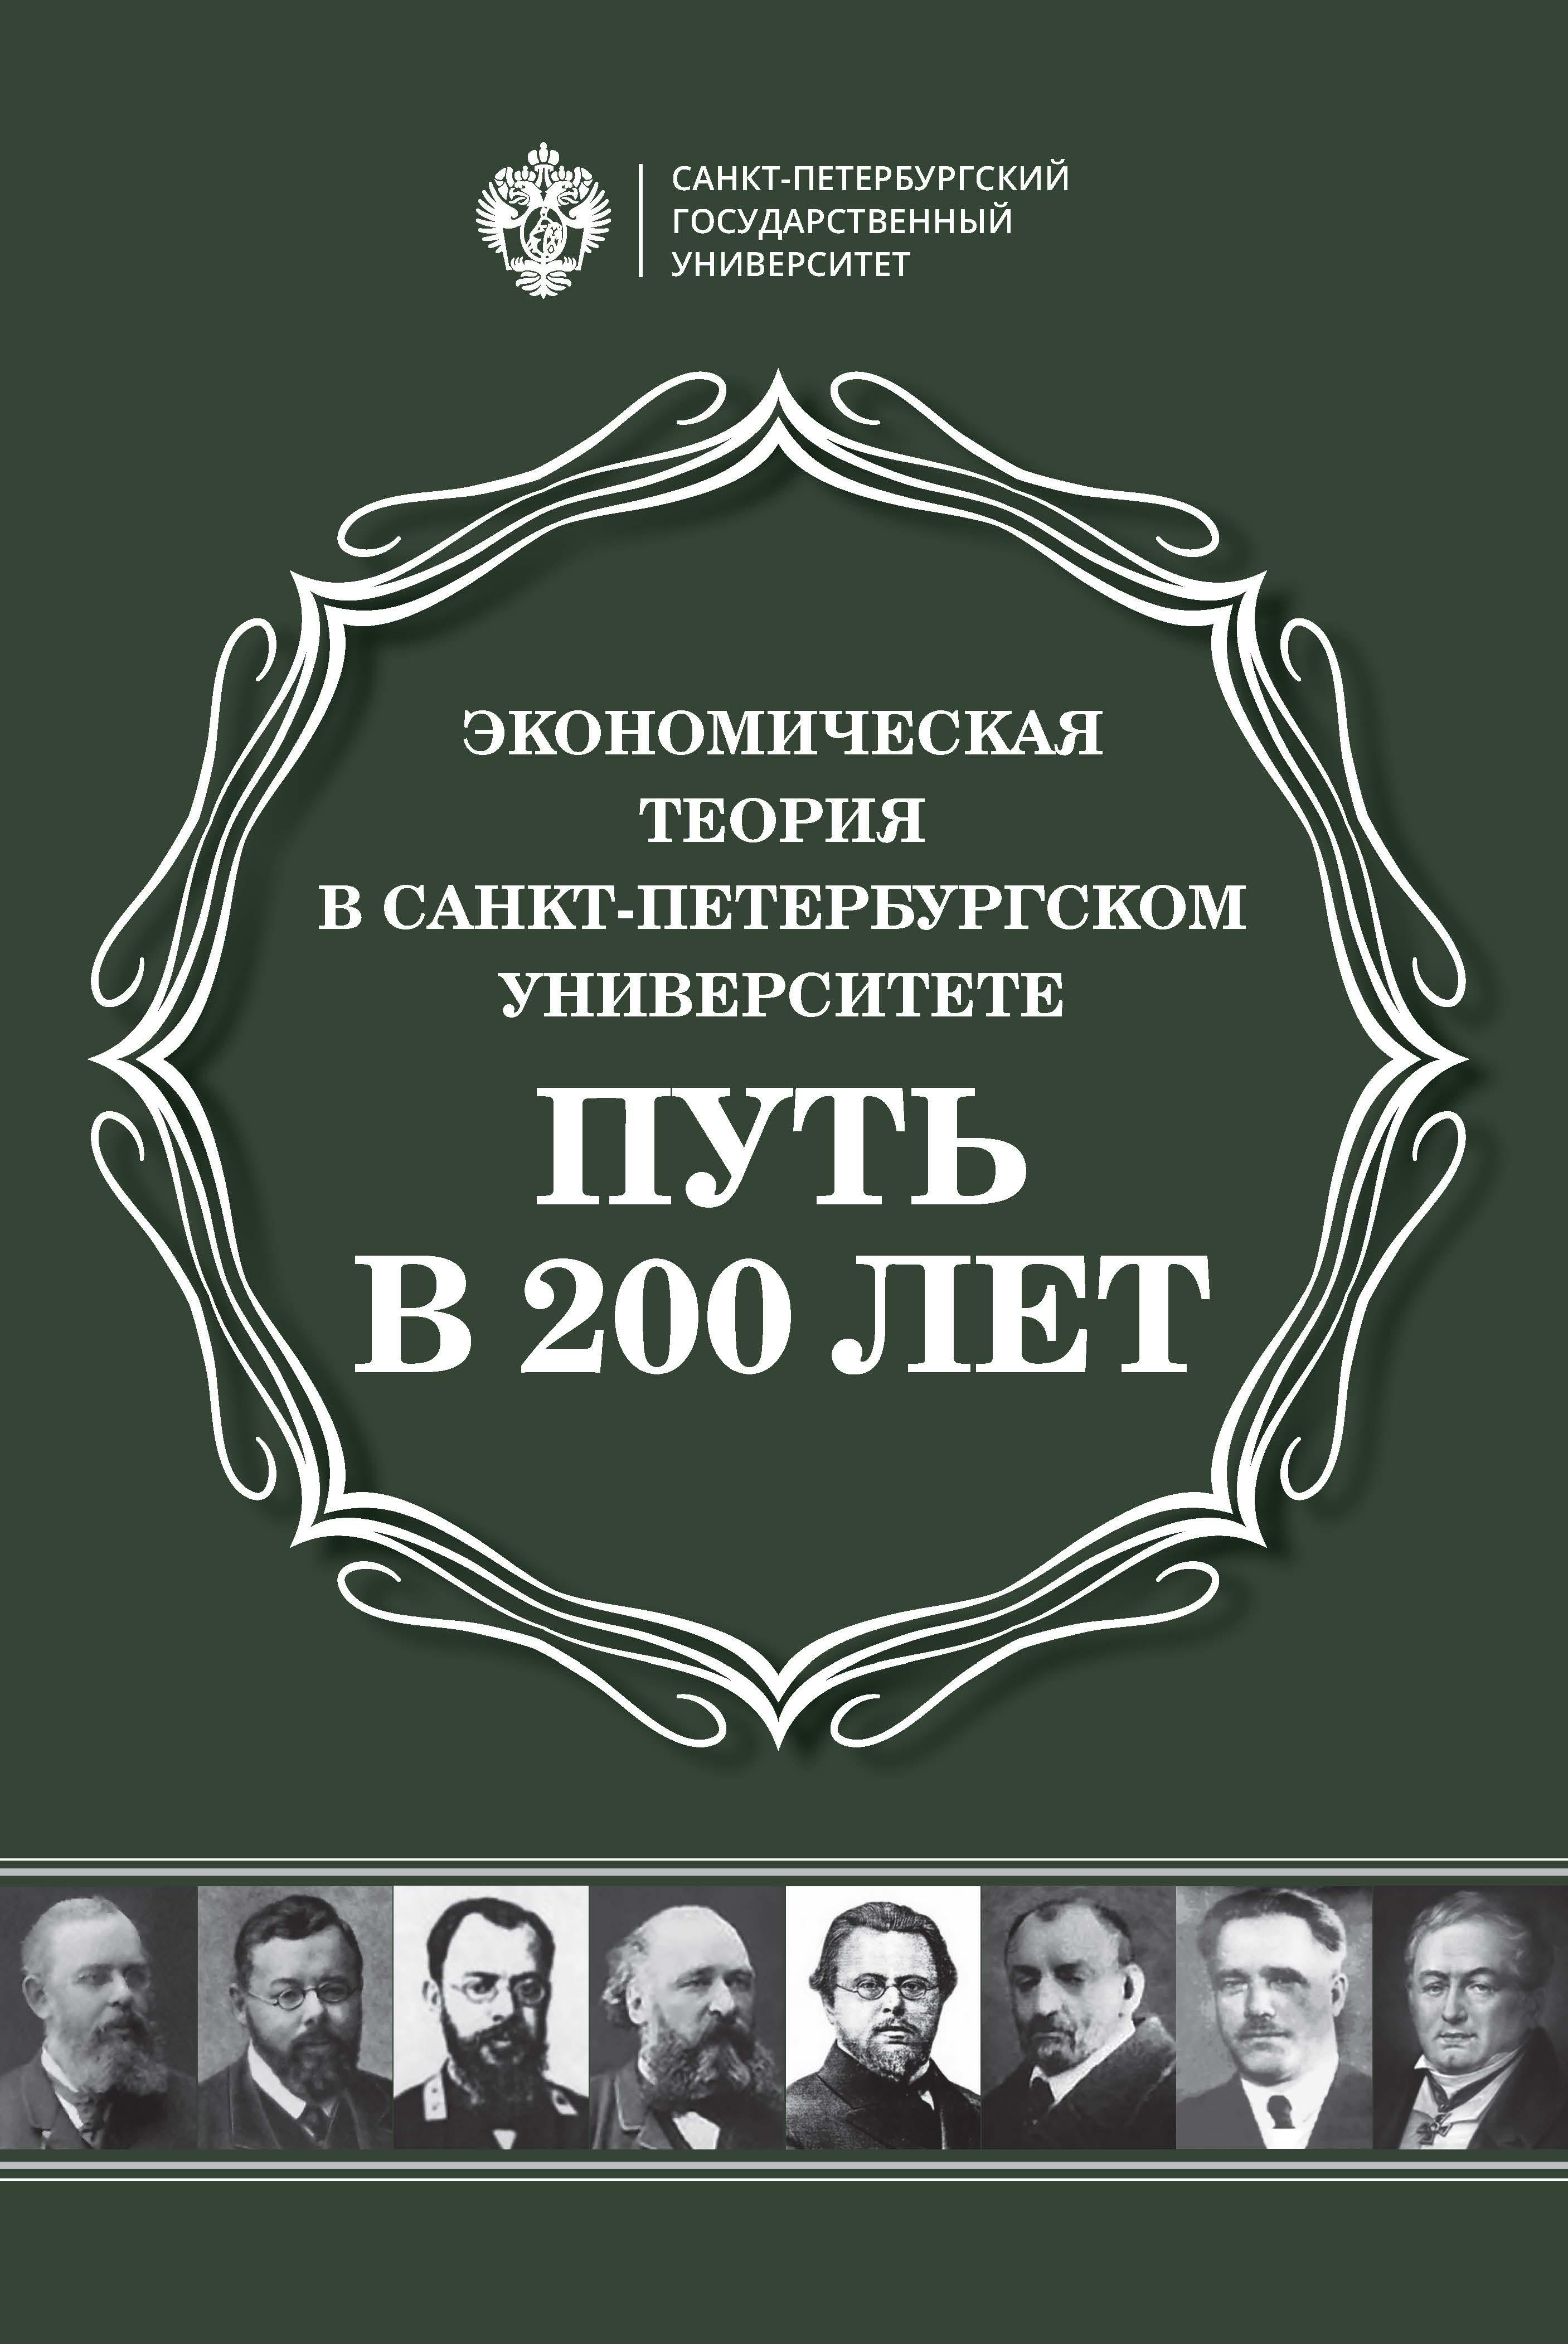 Сборник Экономическая теория в Санкт-Петербургском университете. Путь в 200 лет